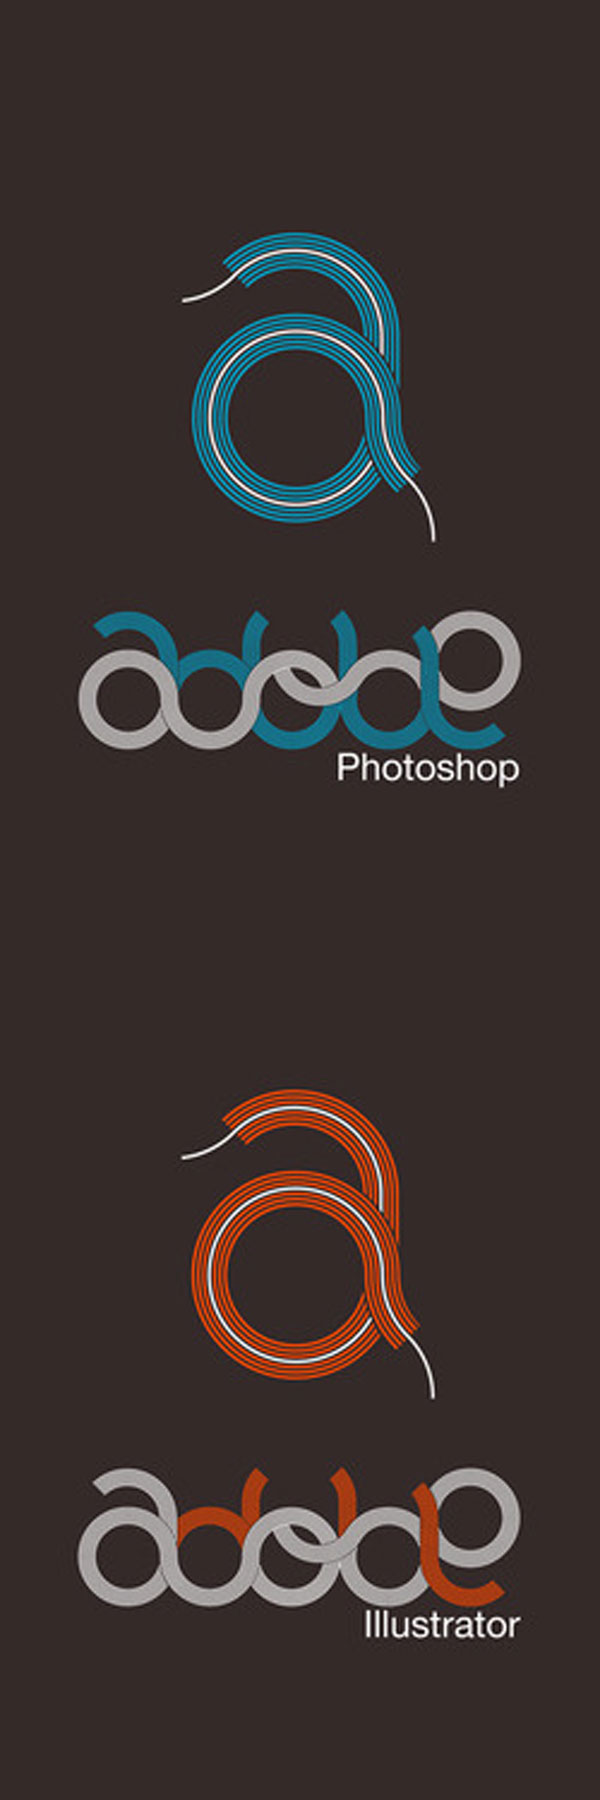 adobe Design Inspiration in Romania